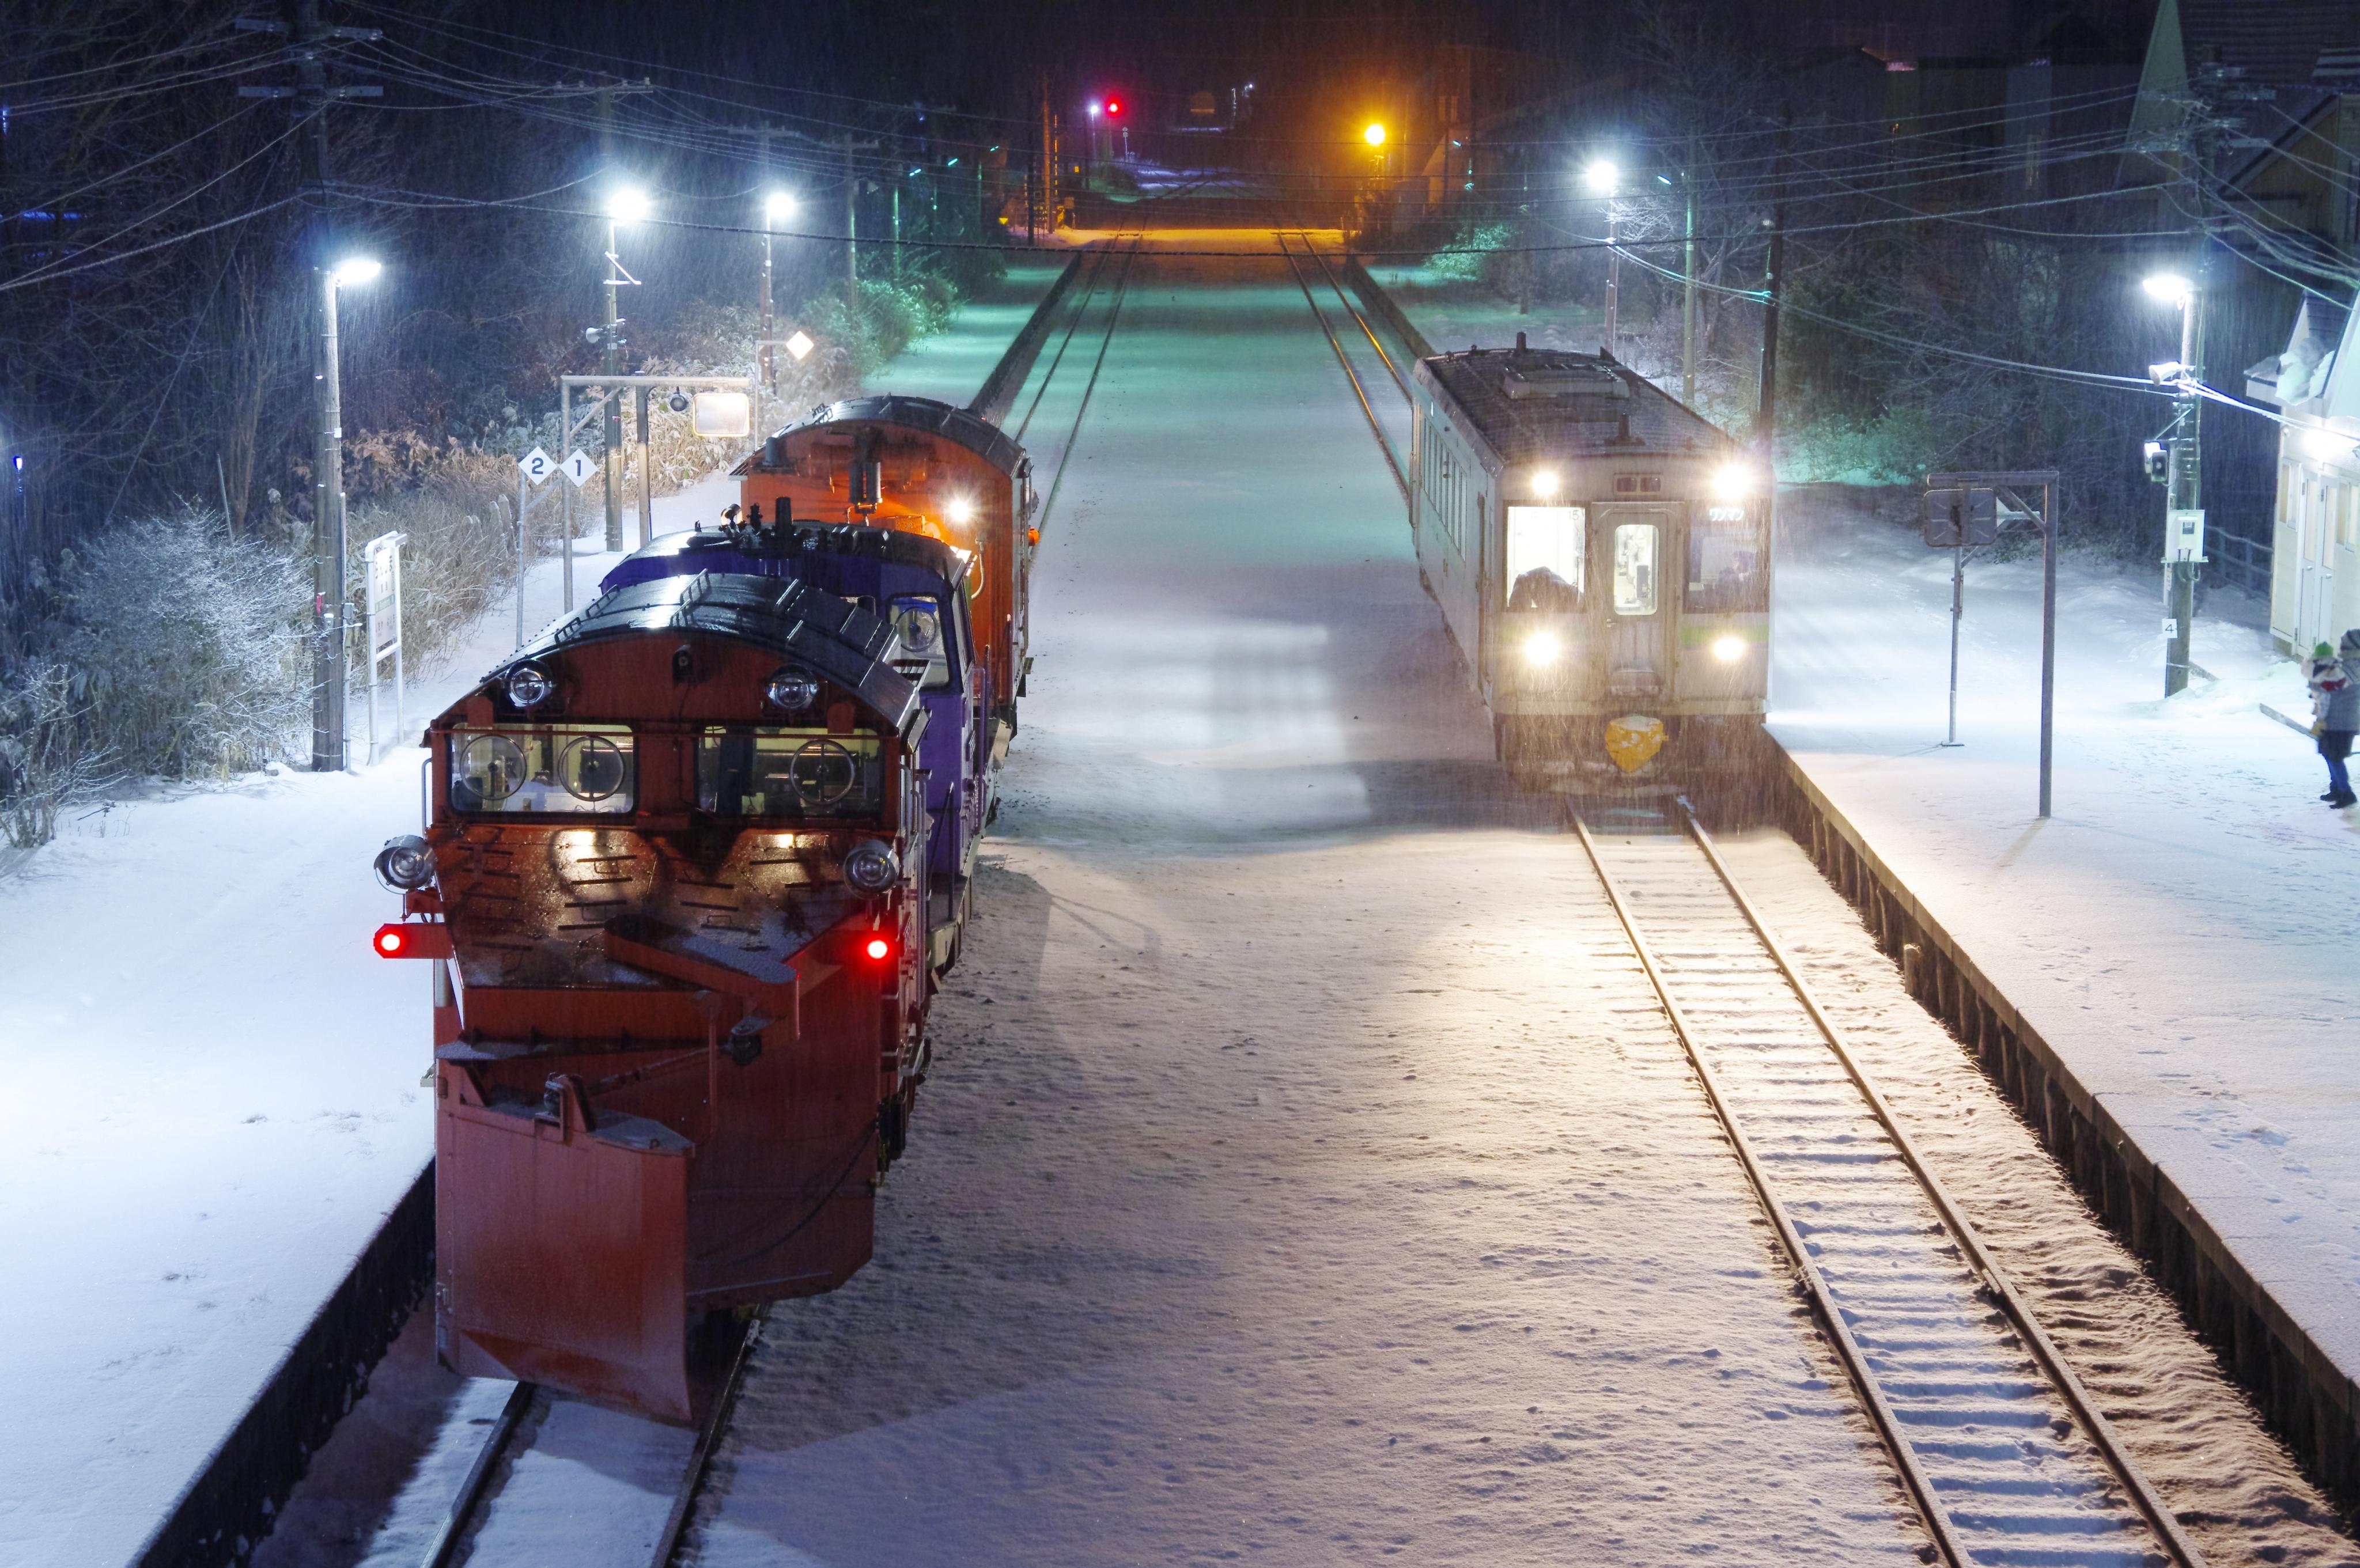 雪122レ & 1955D 蘭島駅 191221.jpg